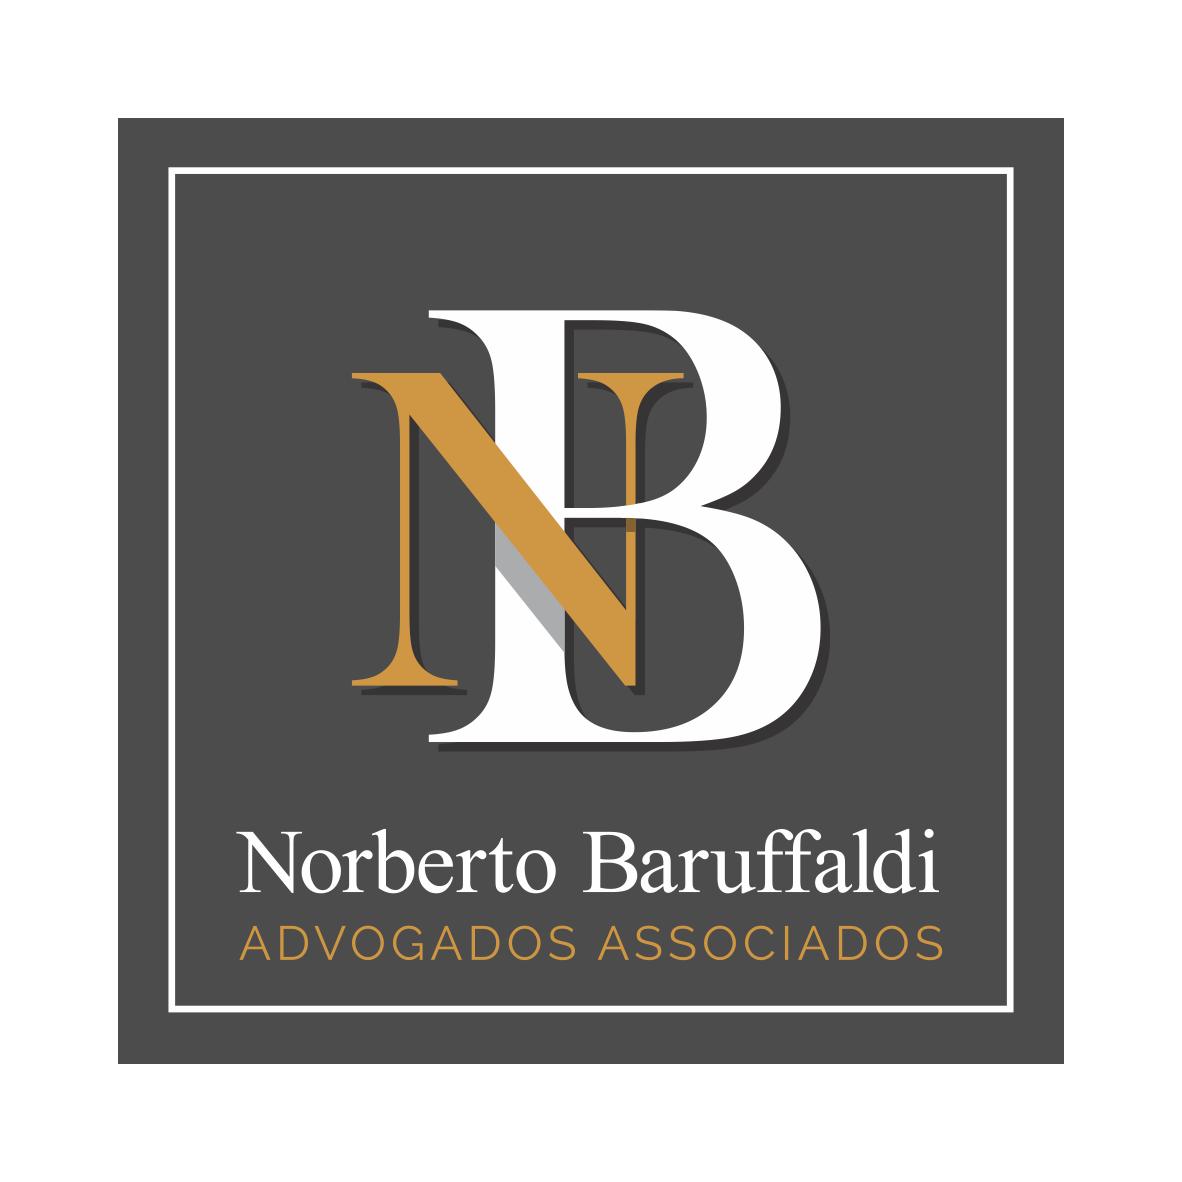 Norberto baruffaldi Advogados Associados